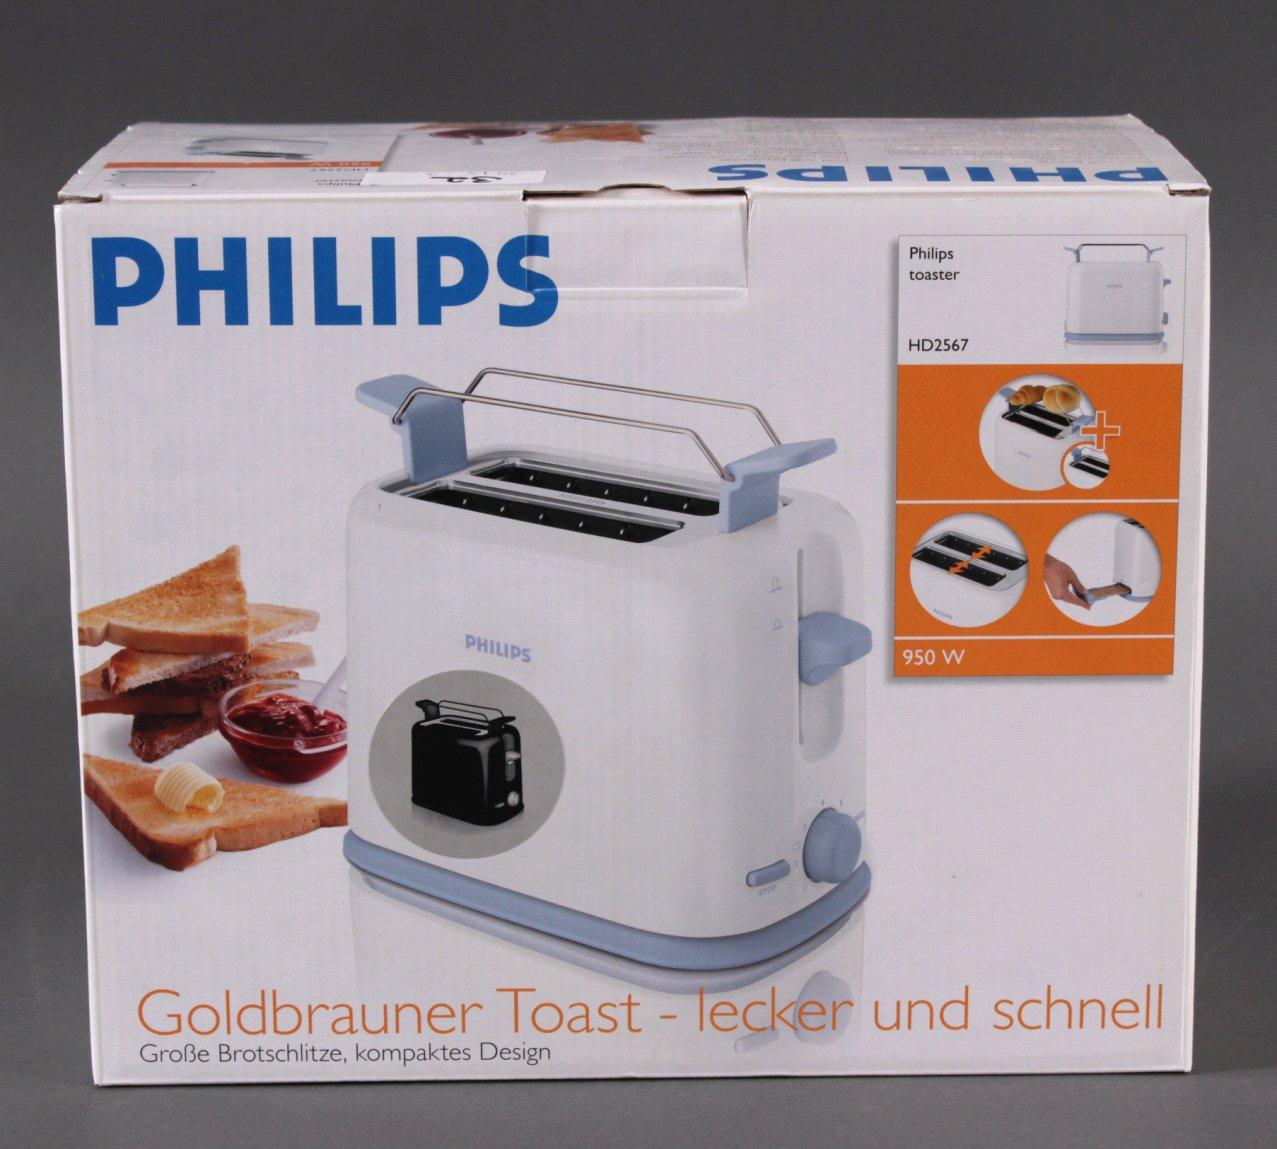 Philipps Toaster HD 2567